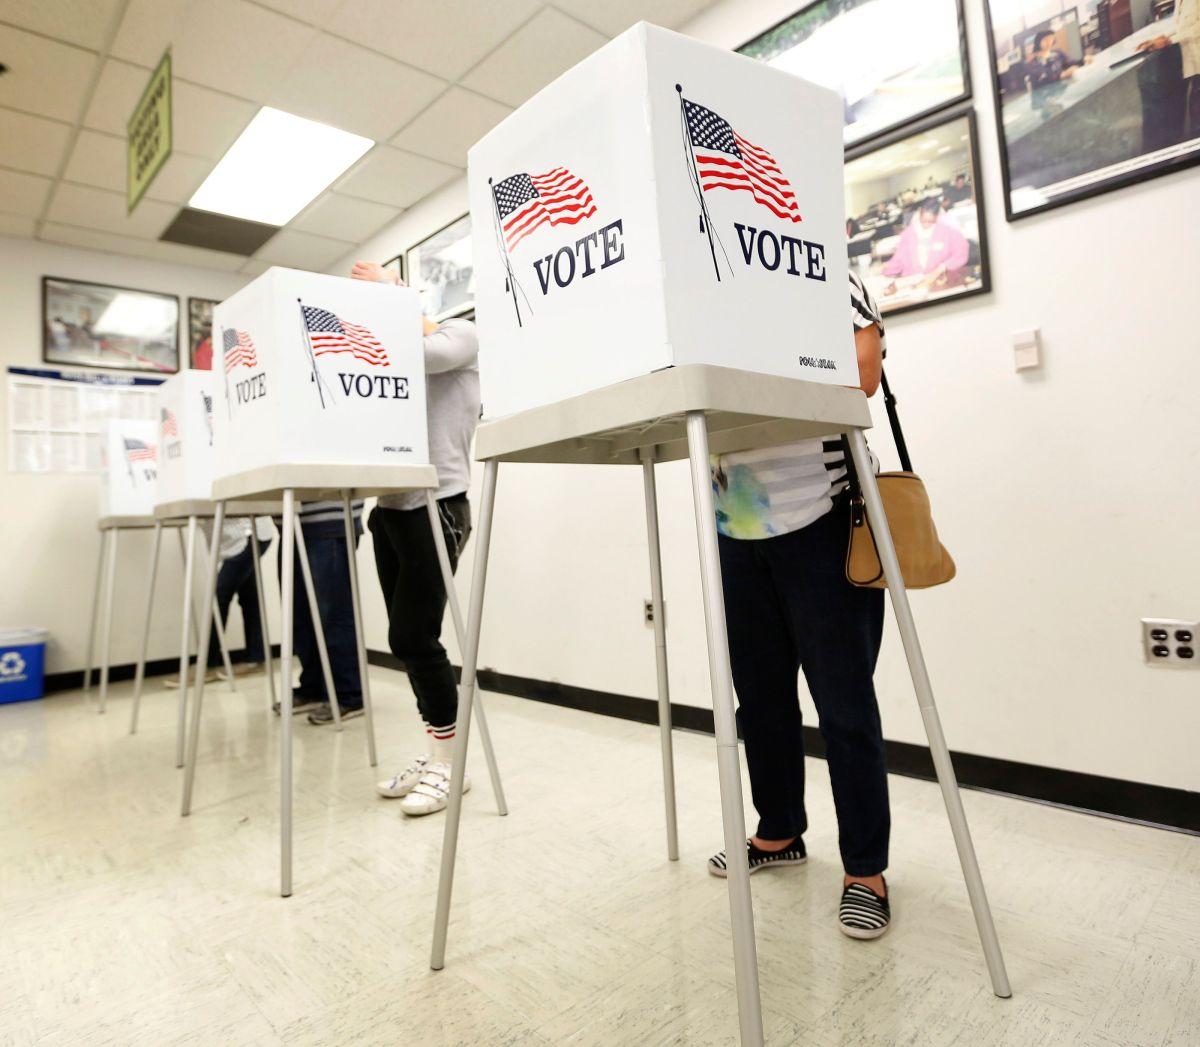 ¿Por qué las elecciones del 3 noviembre podrían ser las más conflictivas?